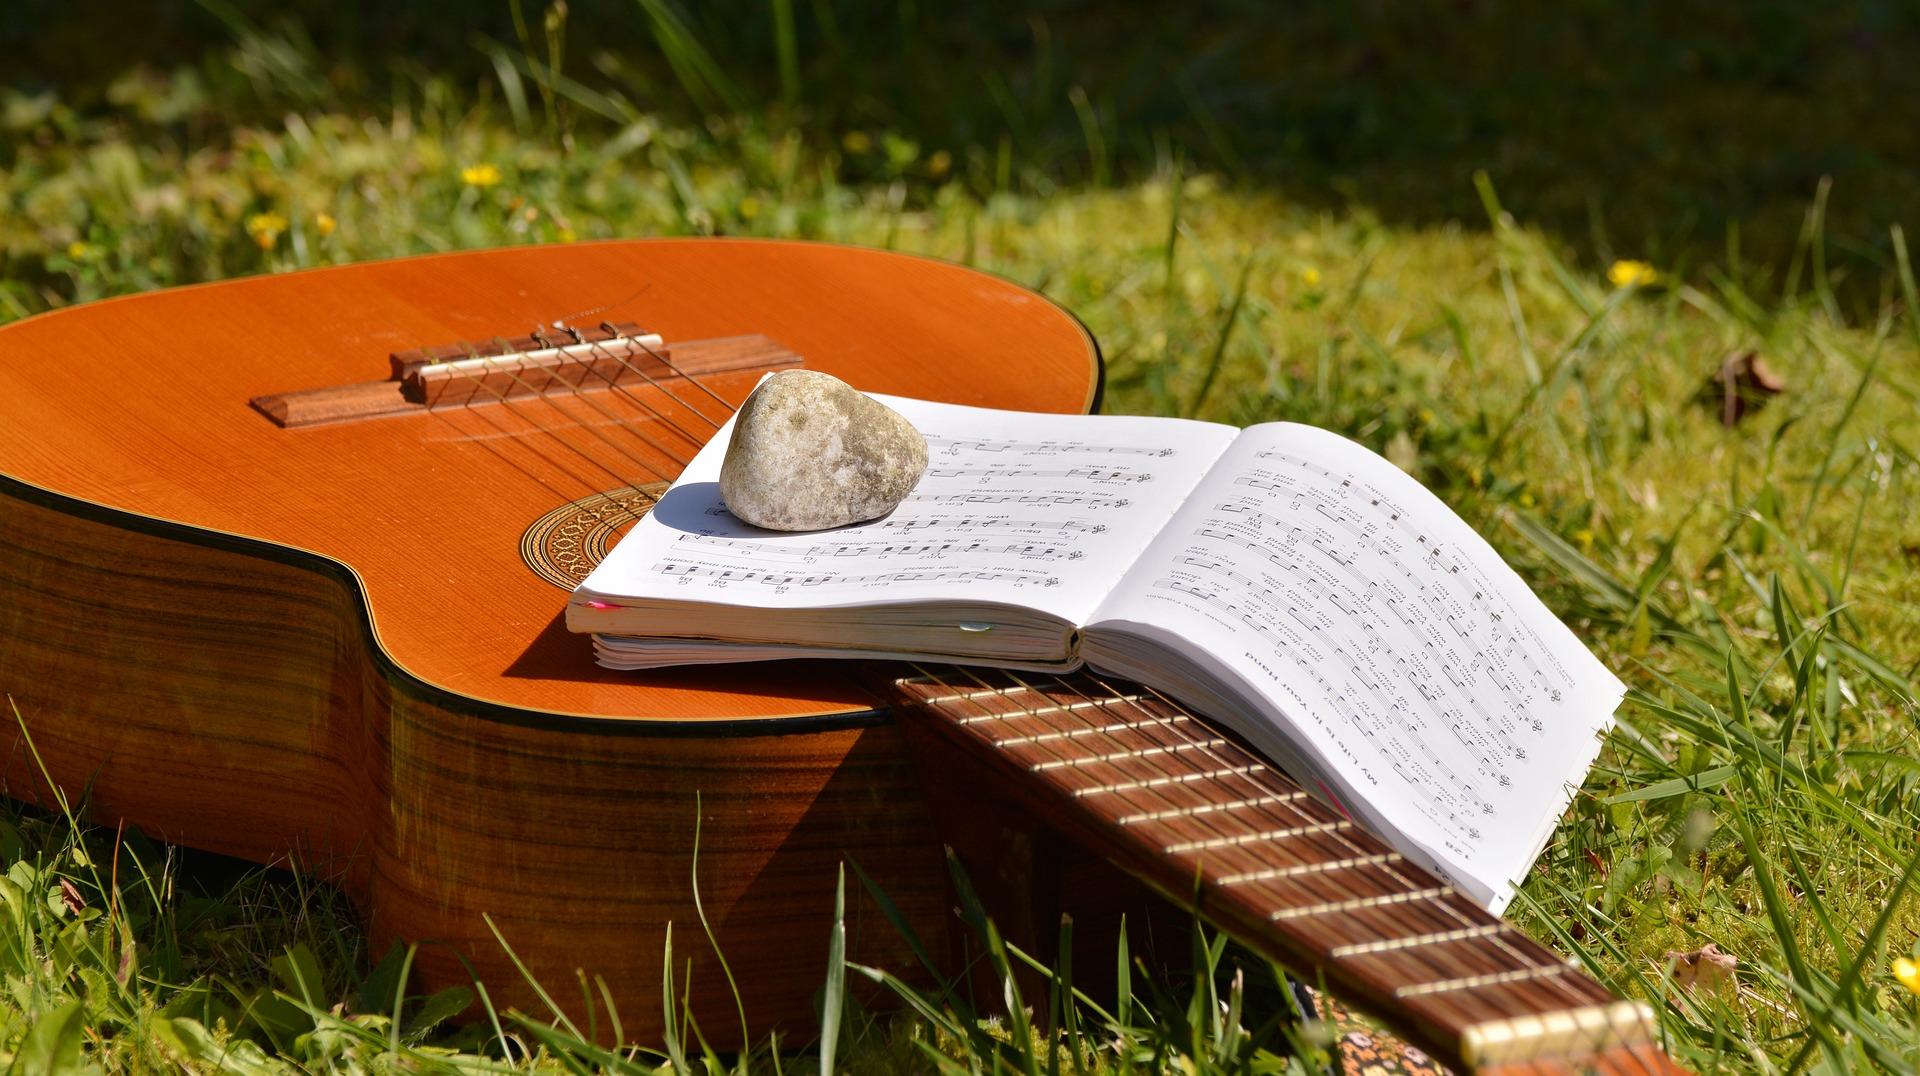 Zoek je een gitaarles boek? De beste lesboeken op een rijtje!